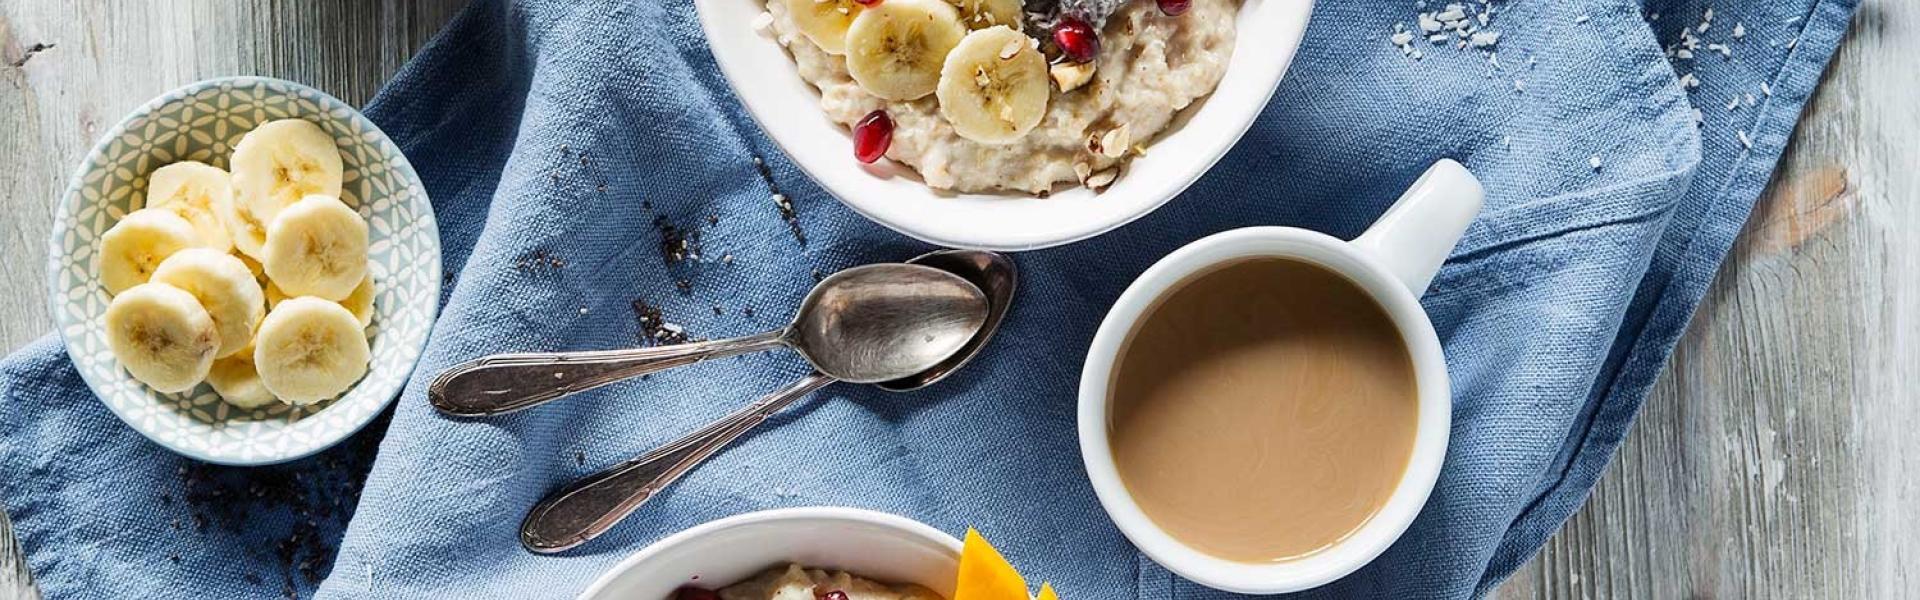 Frhstücks-Bowl auf einem Tablett mit Kaffee und weiteren Zutaten angerichtet.